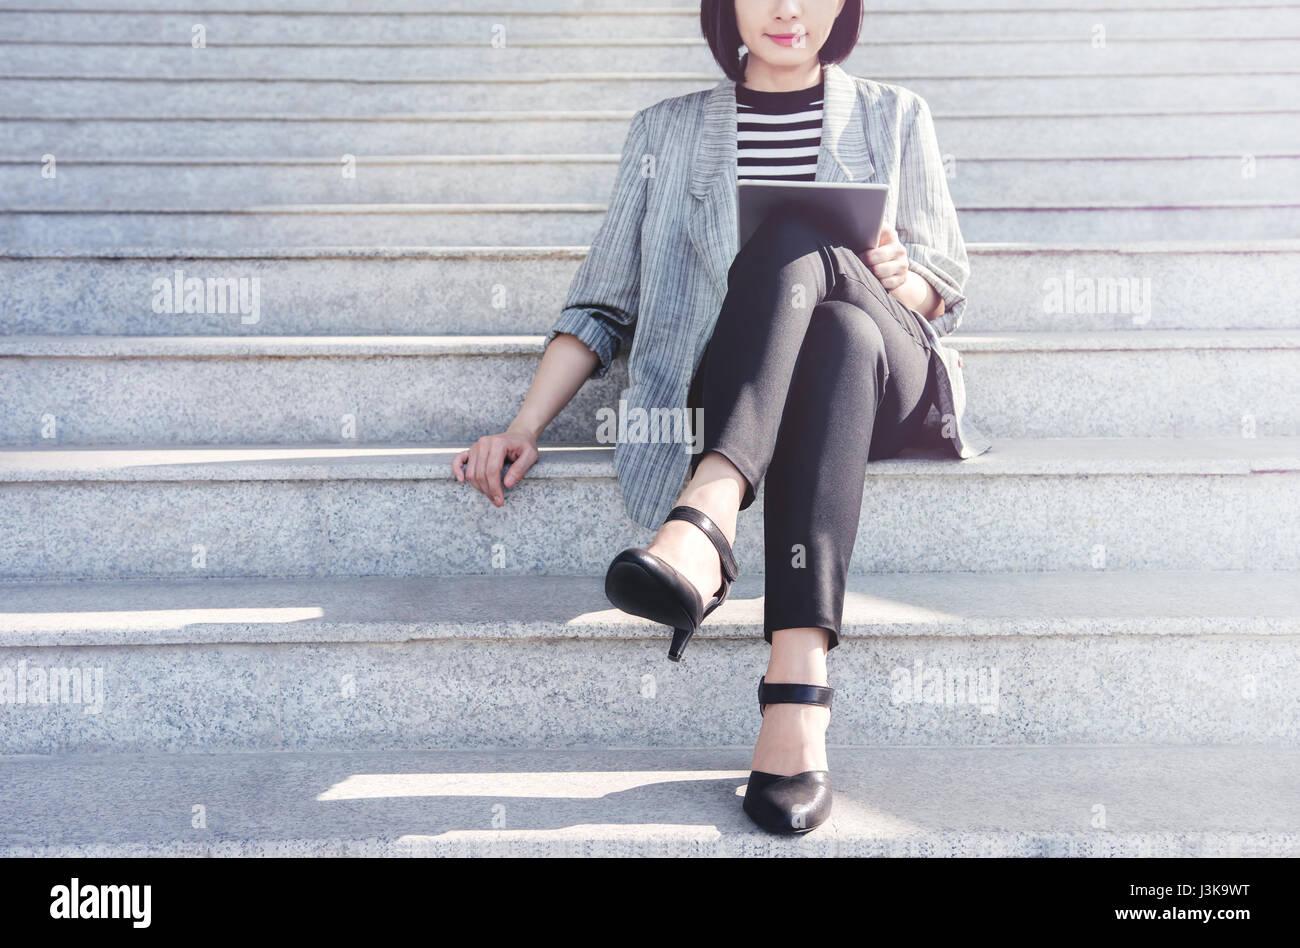 Negocio trabajar mujer sentarse y sonreír durante utilizando tablet digital en escalera exterior, vista frontal, Imagen De Stock